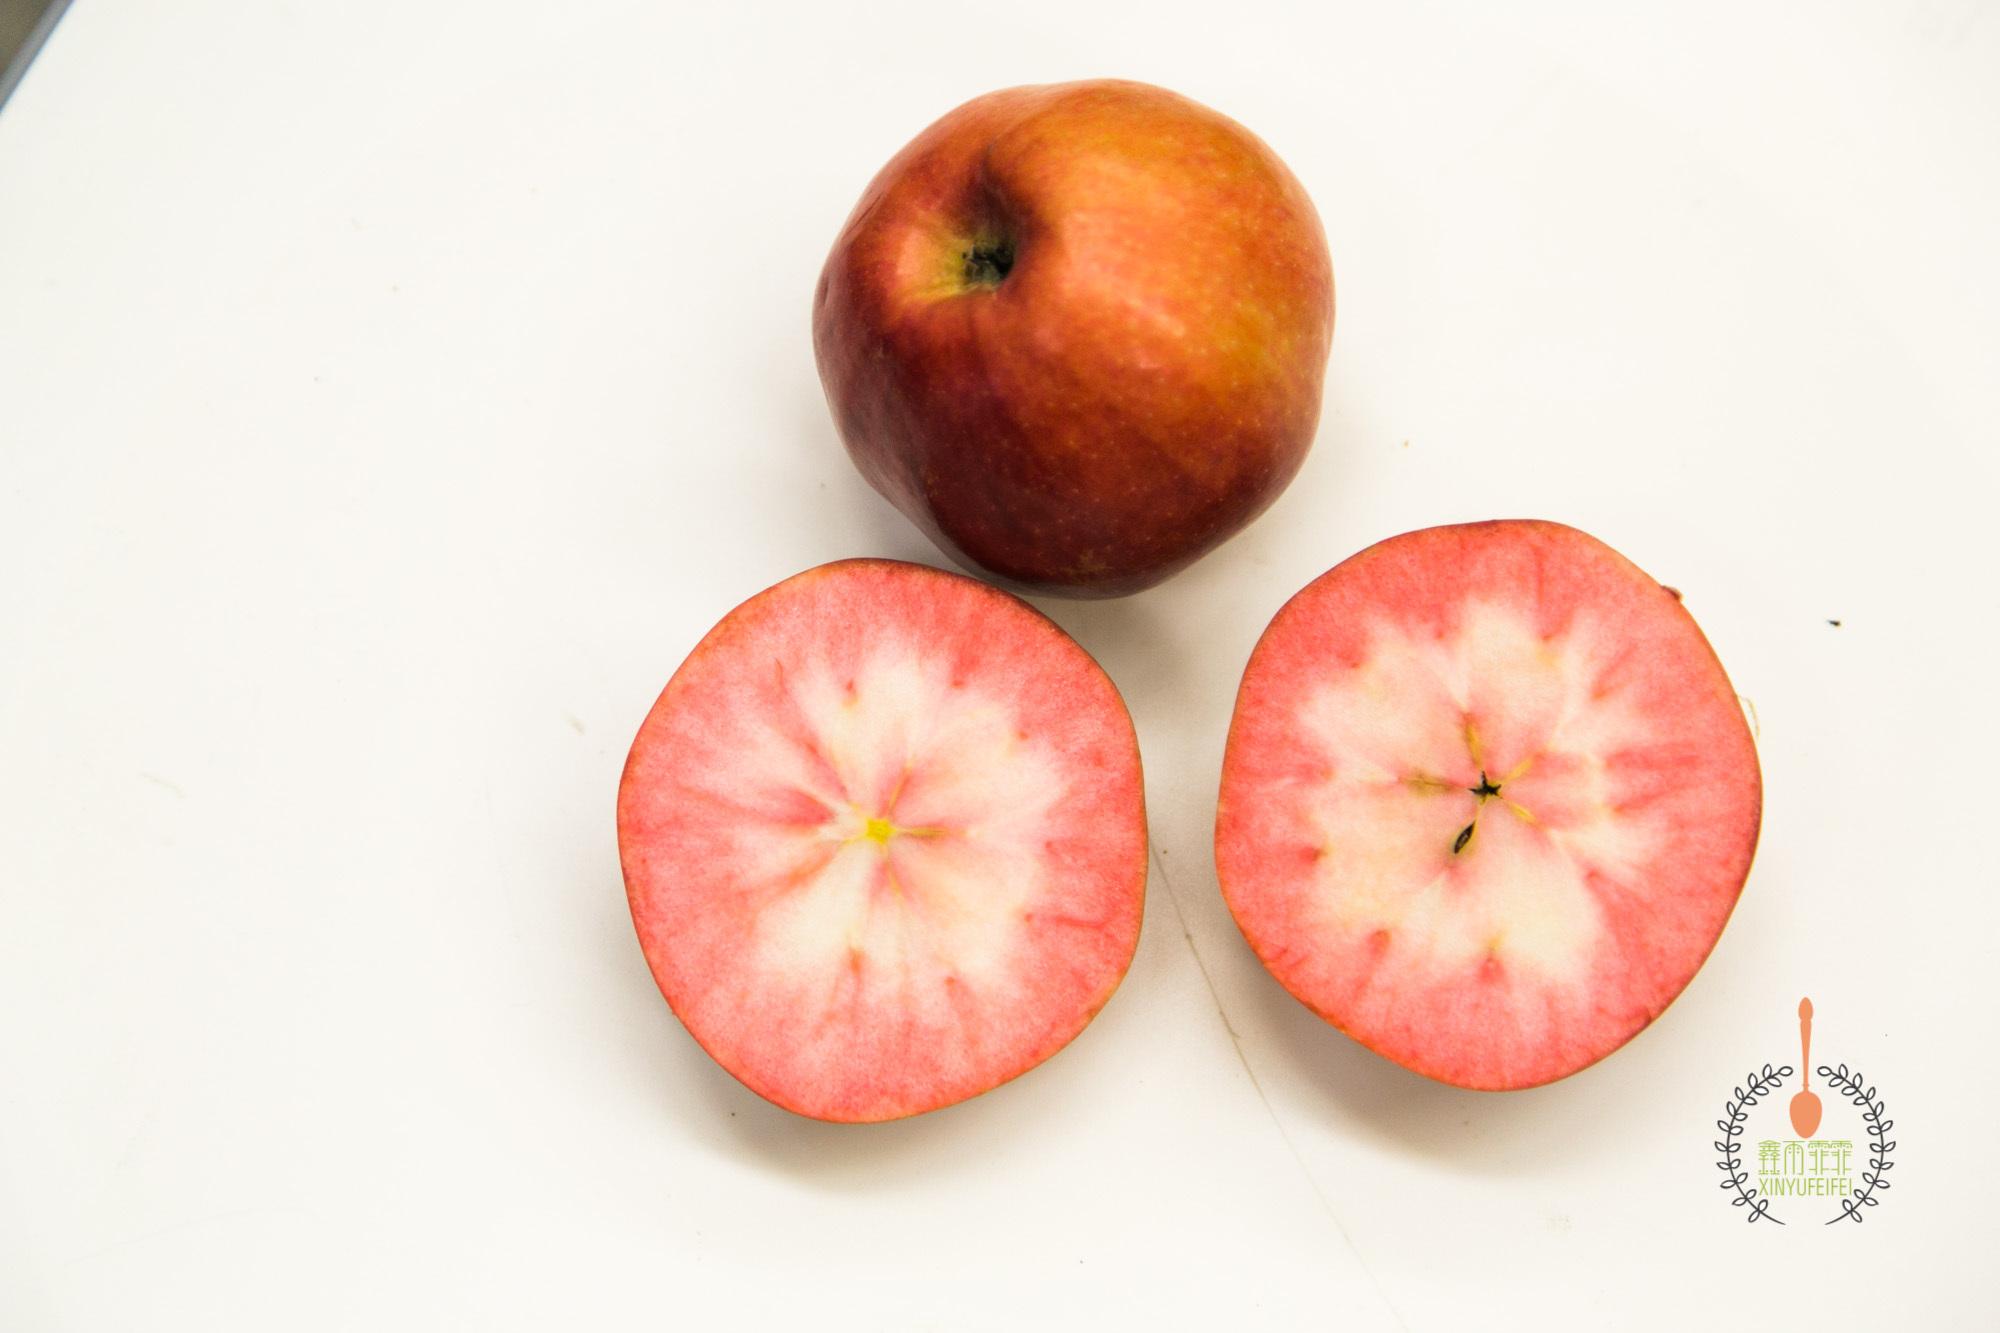 世界各地旷古未闻的水果名称大全,你见过吗-九州醉餐饮网